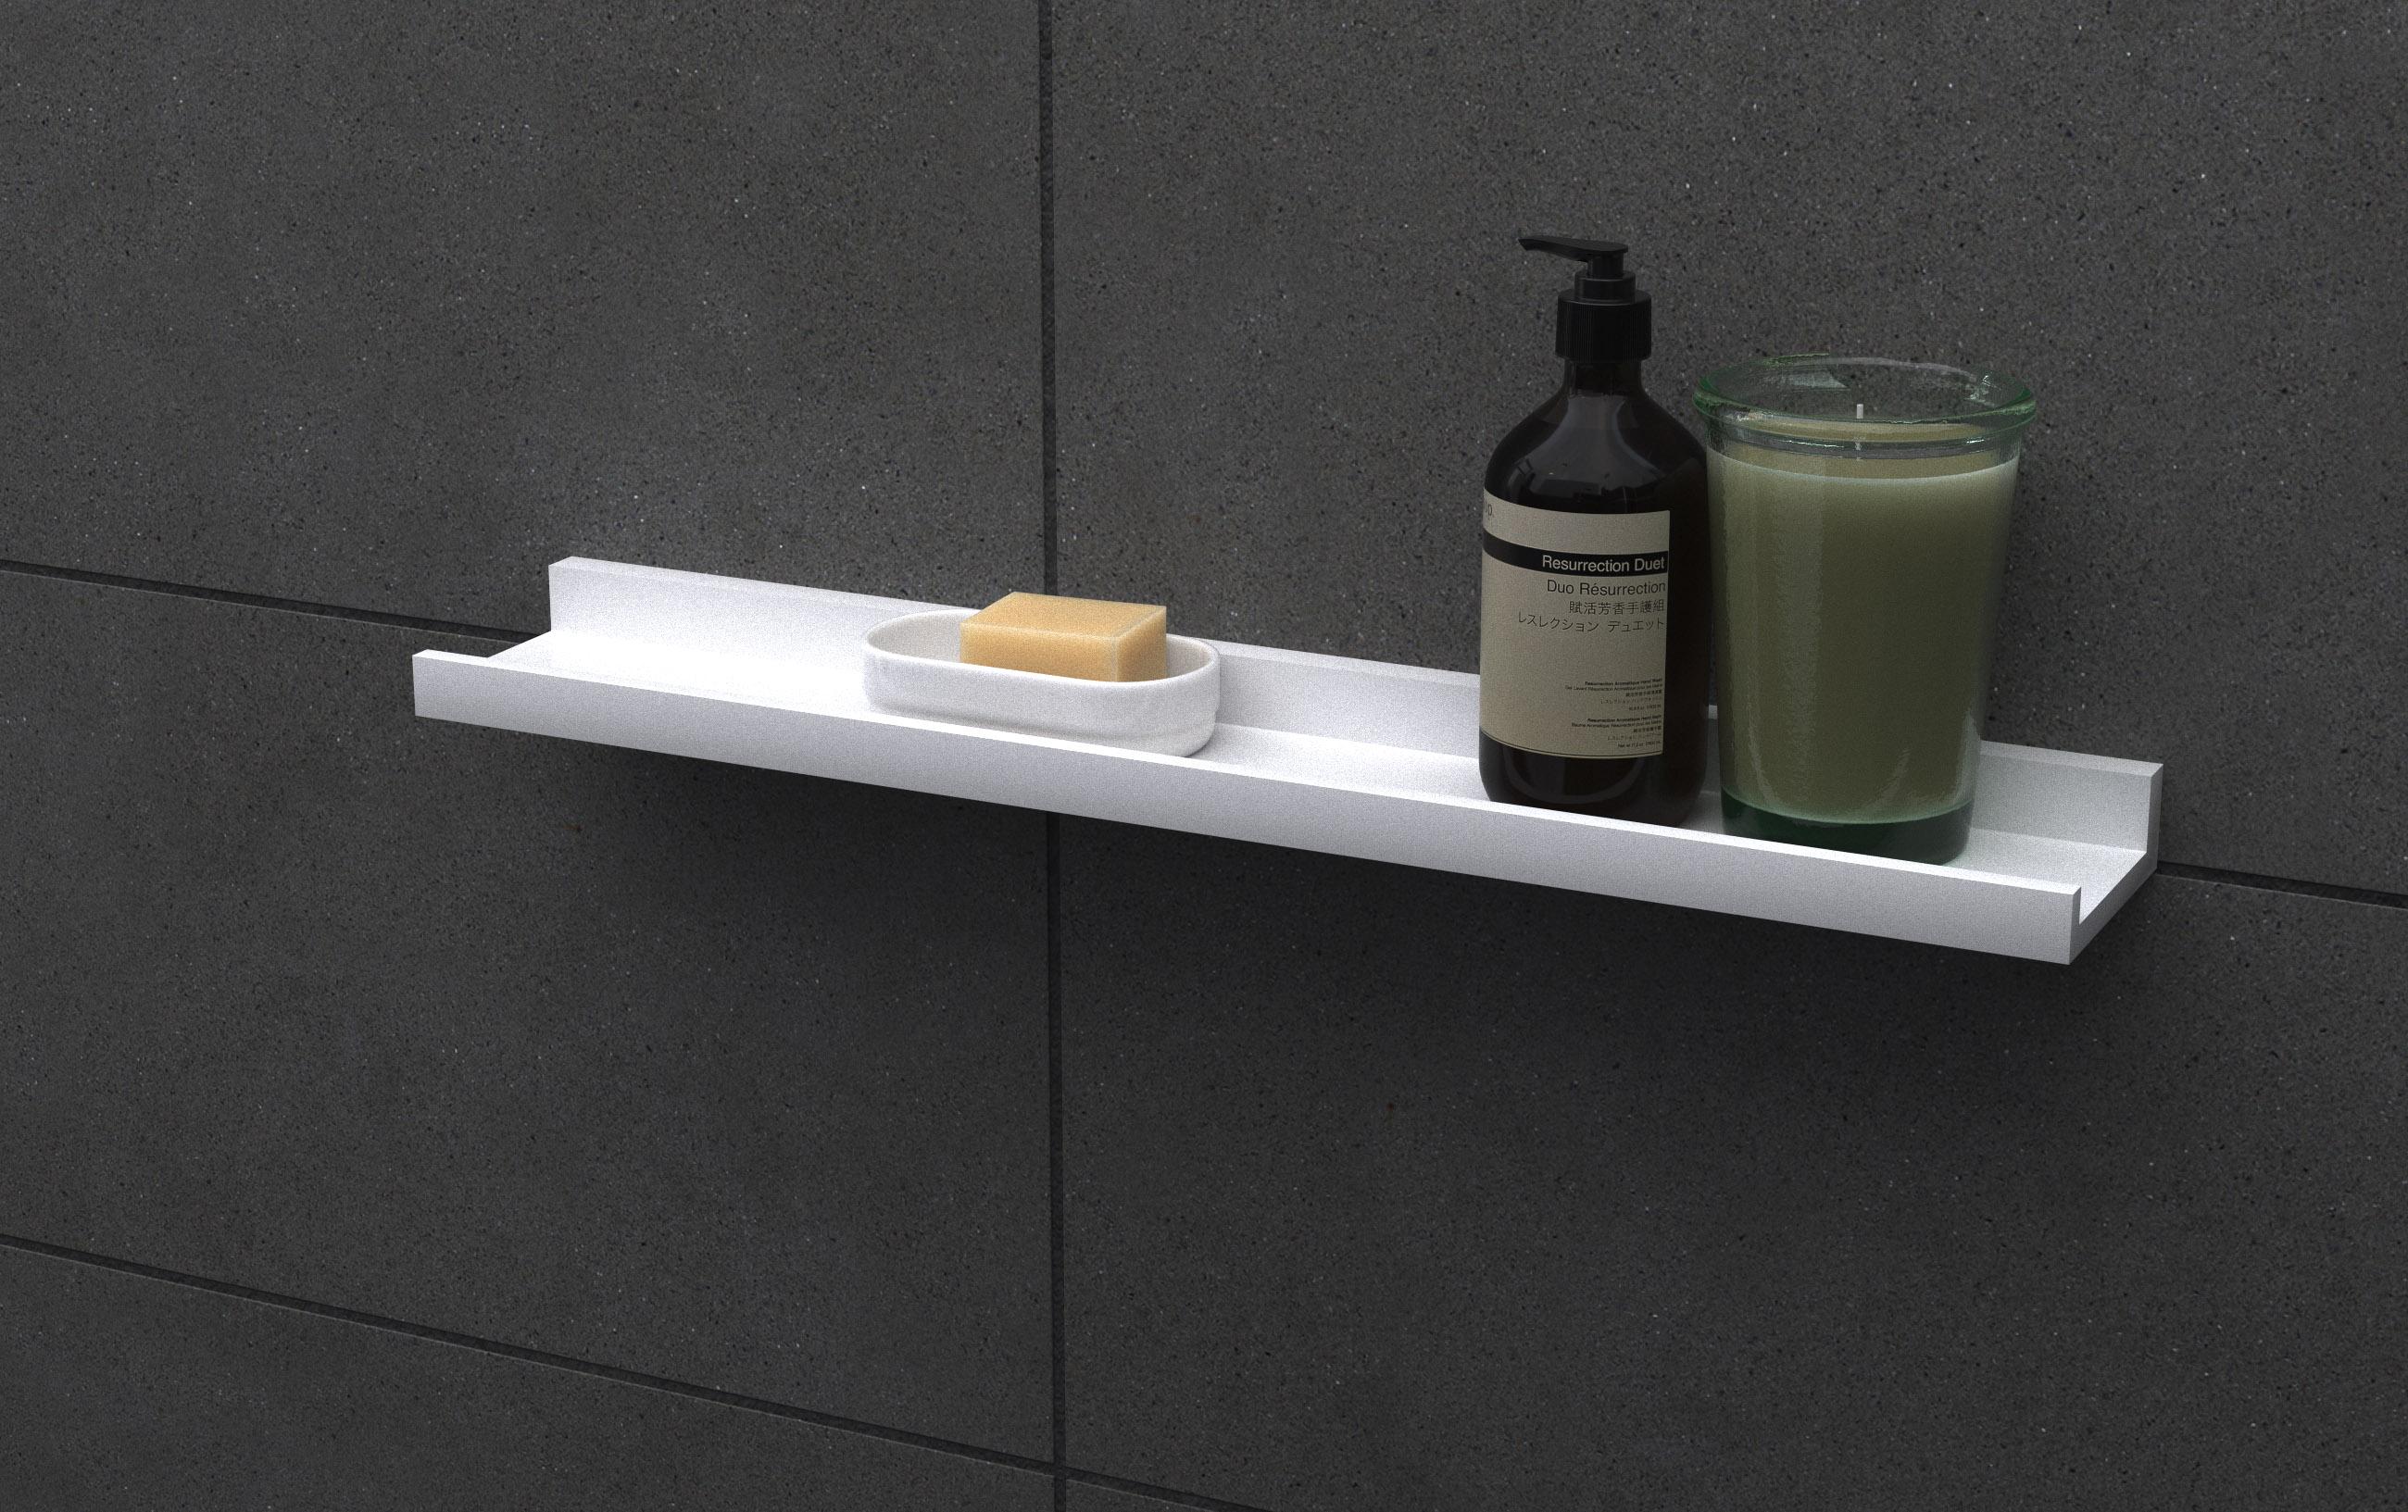 Belle Ledge Shelf Topshelf